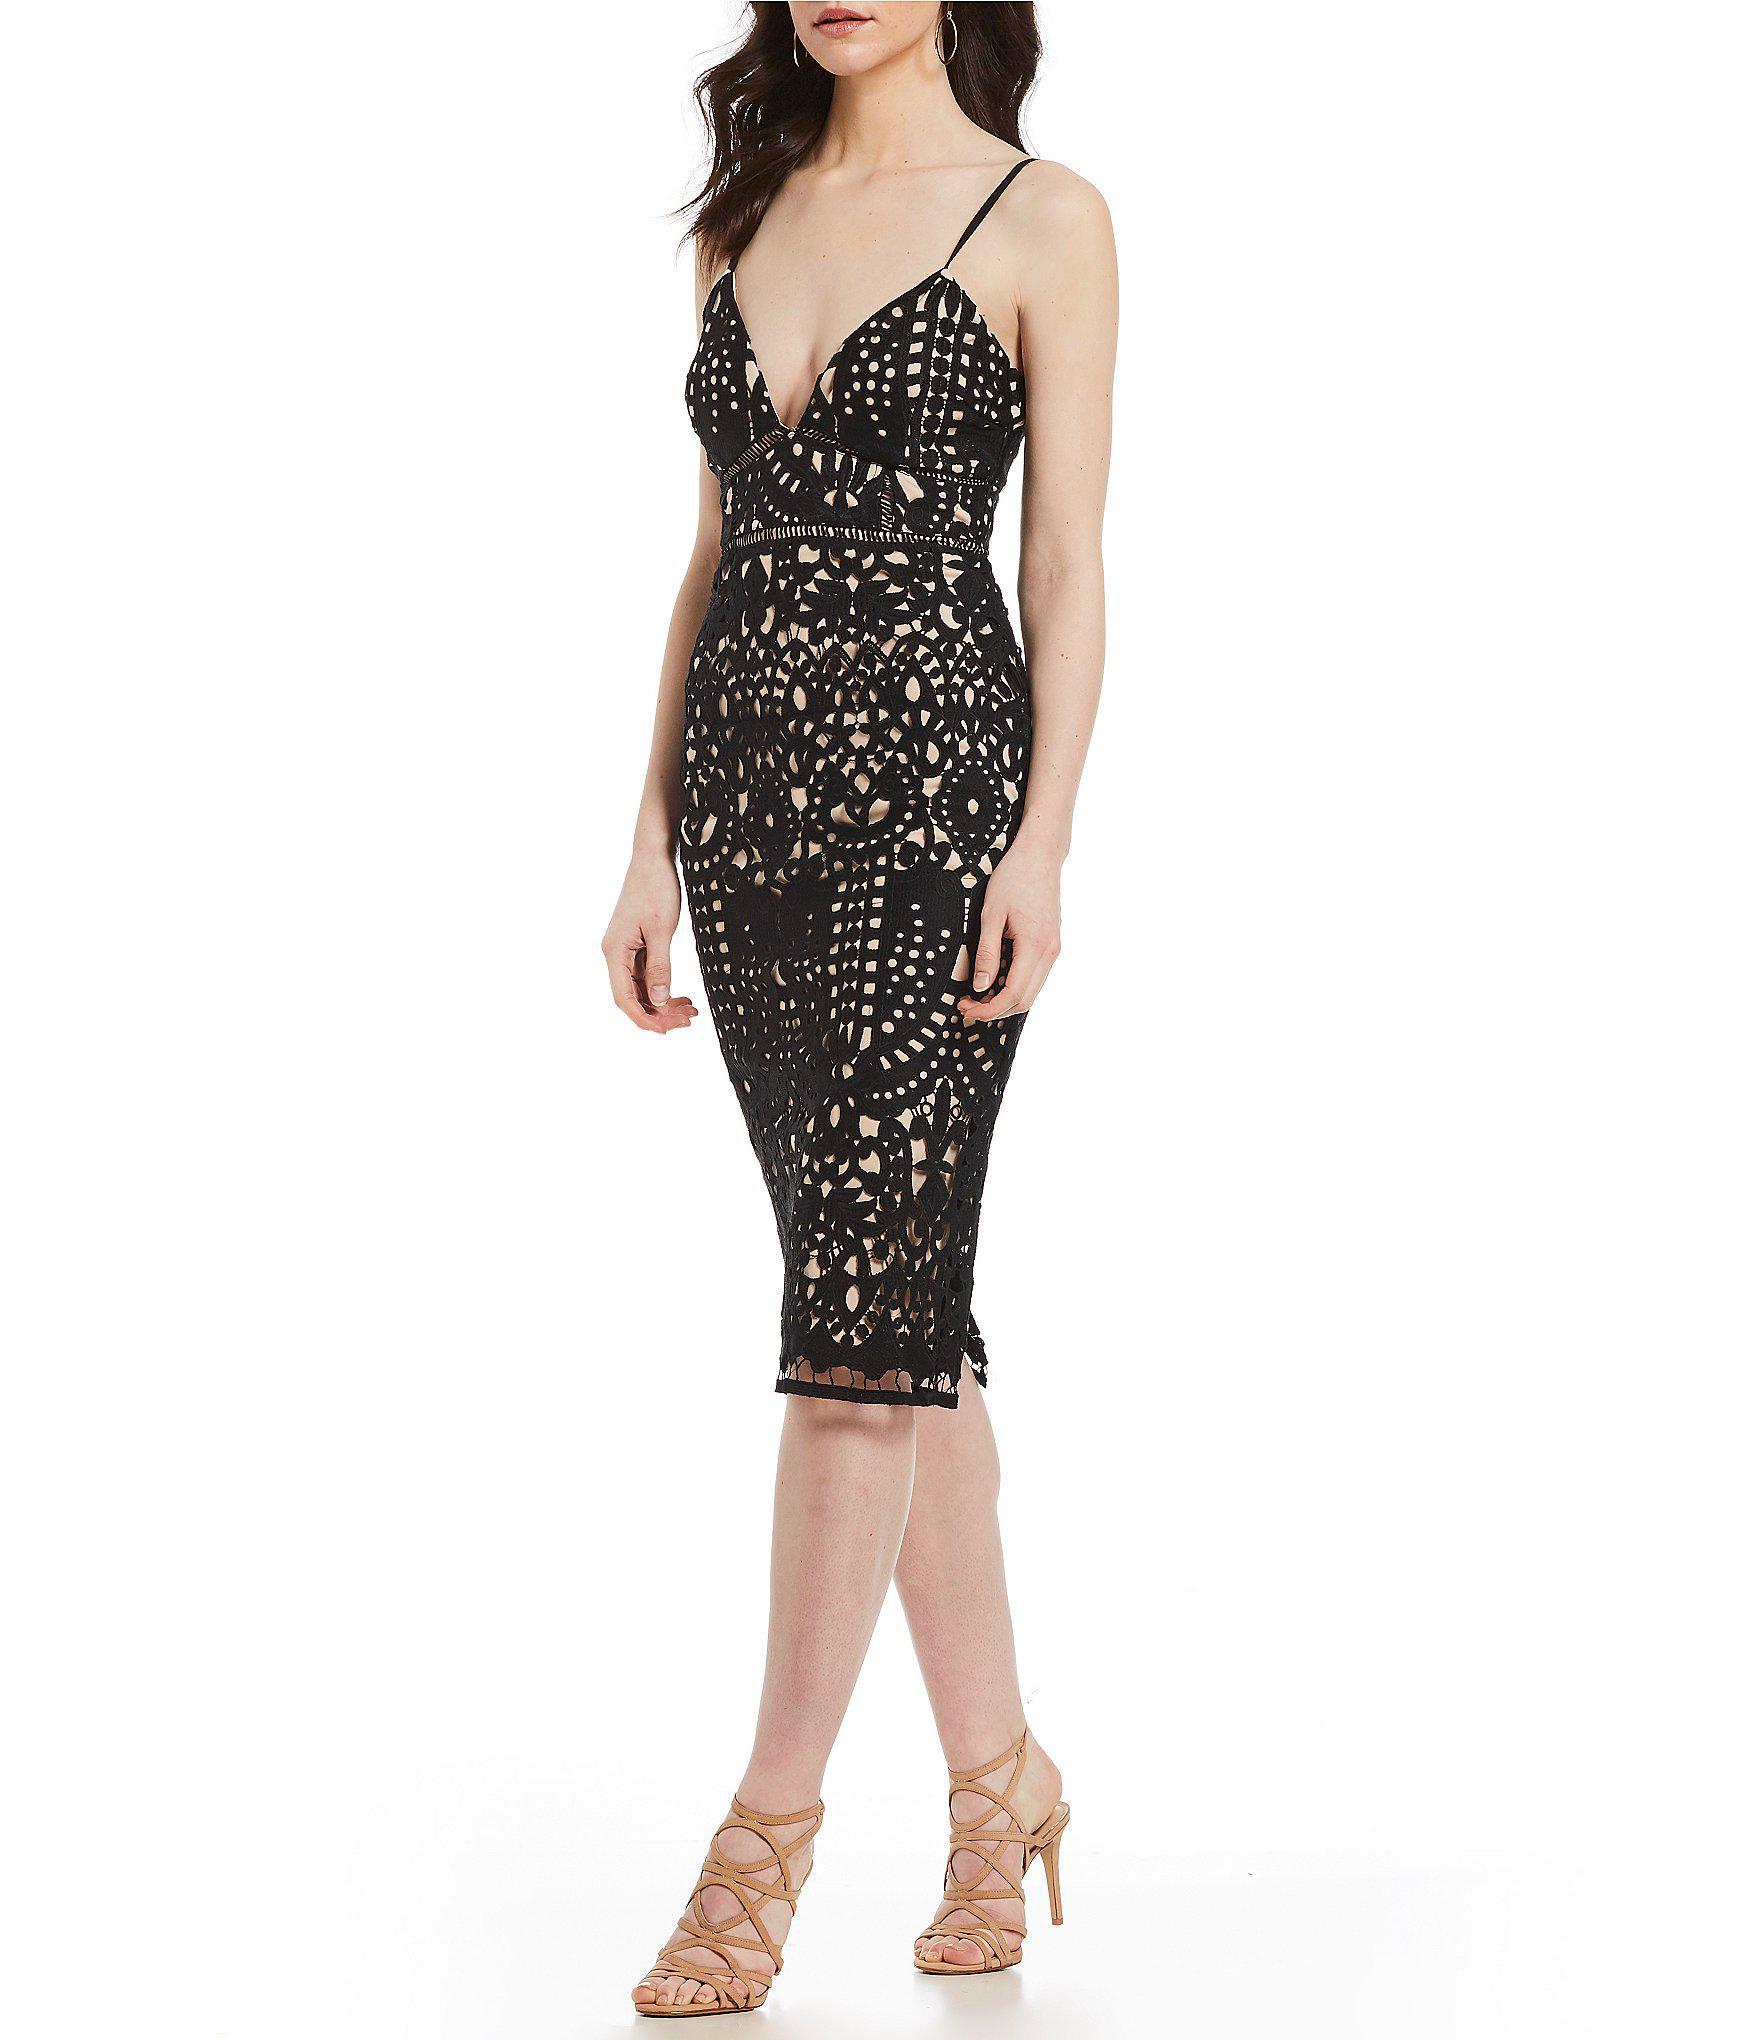 4edda8460fb Gianni Bini Maura Fitted Lace Midi Dress in Black - Lyst